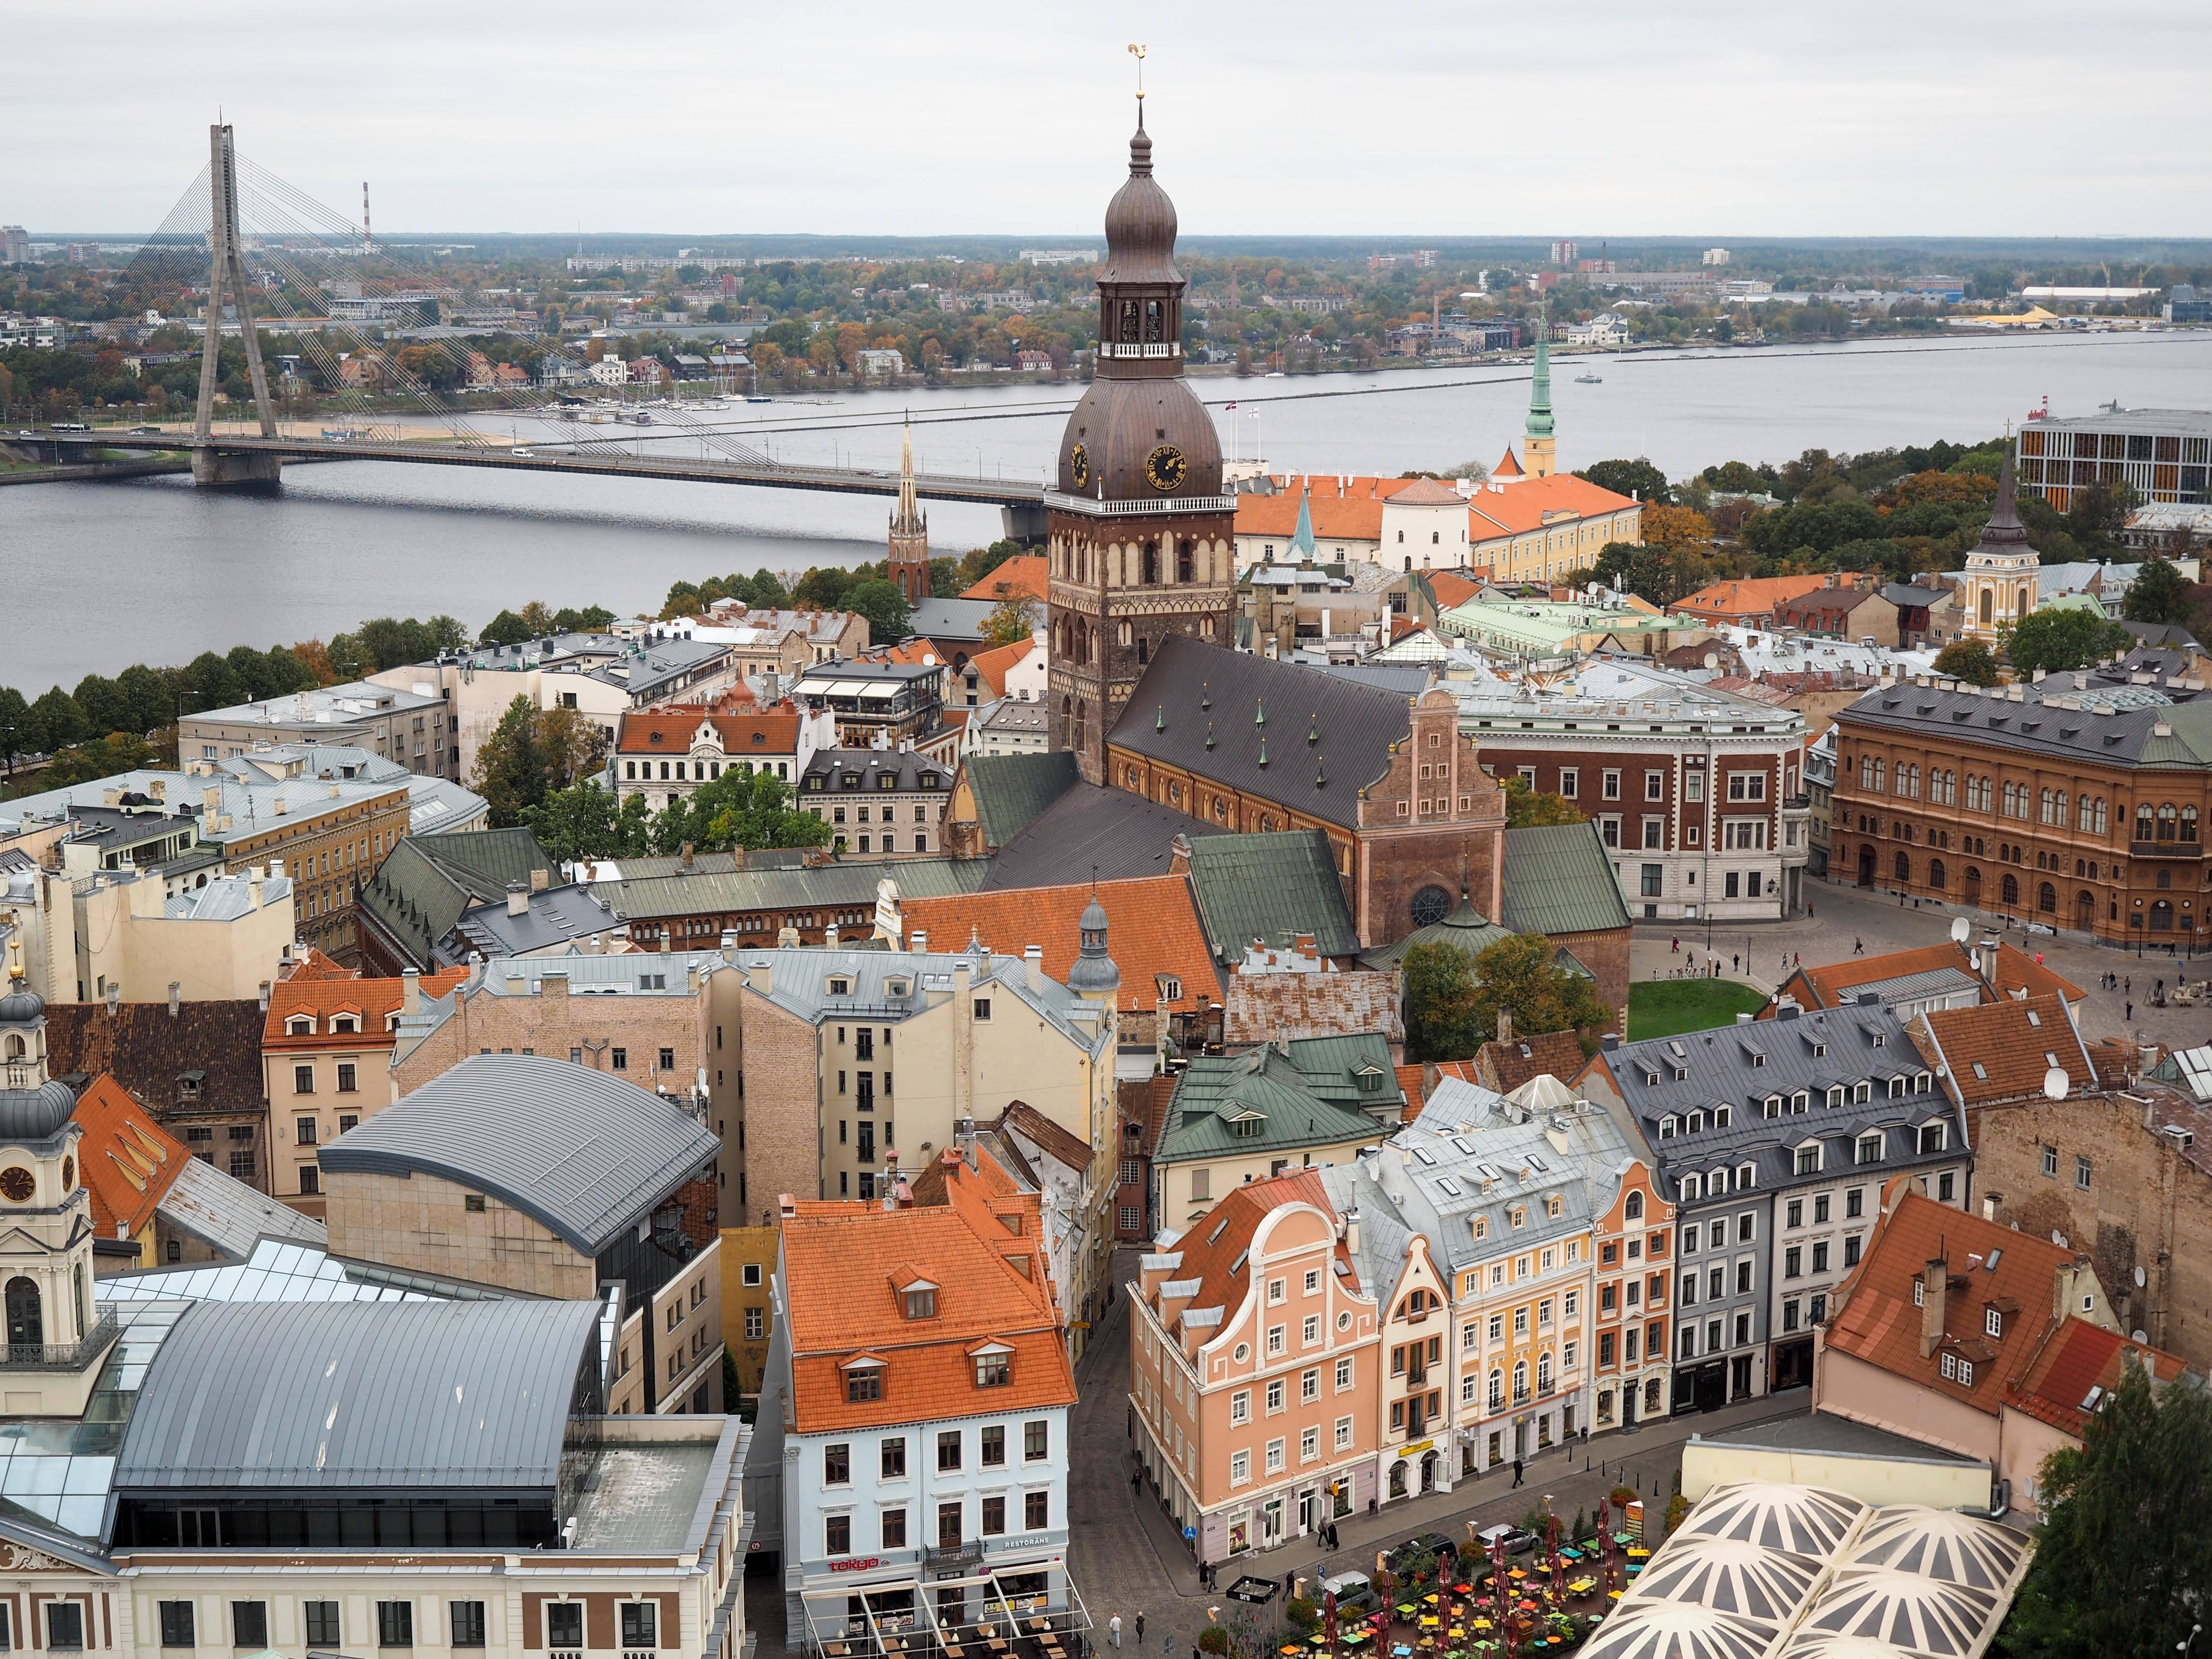 Riga, Latvia from St. Peter's Church